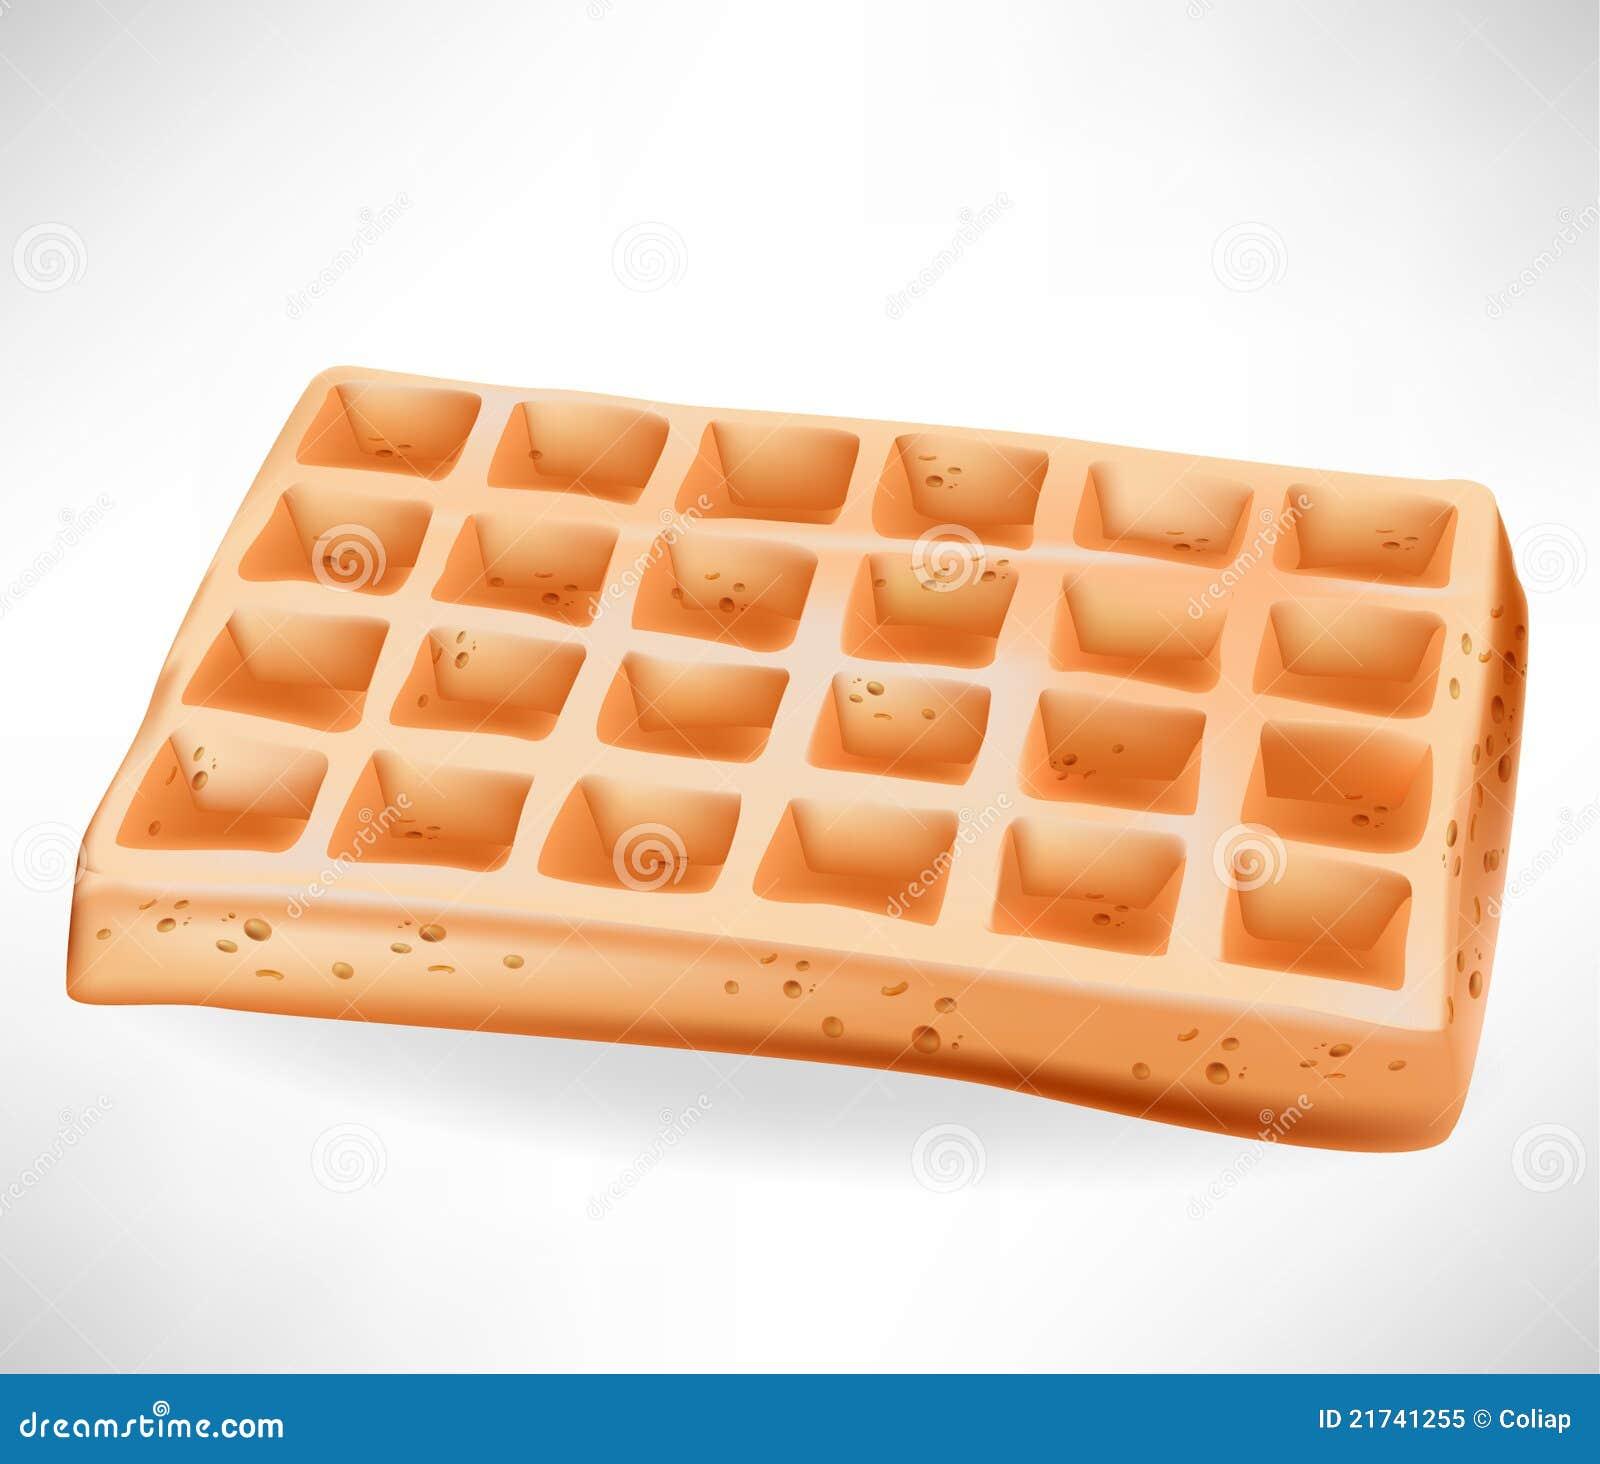 Simple Belgian Waffle Royalty Free Stock Photo - Image ...